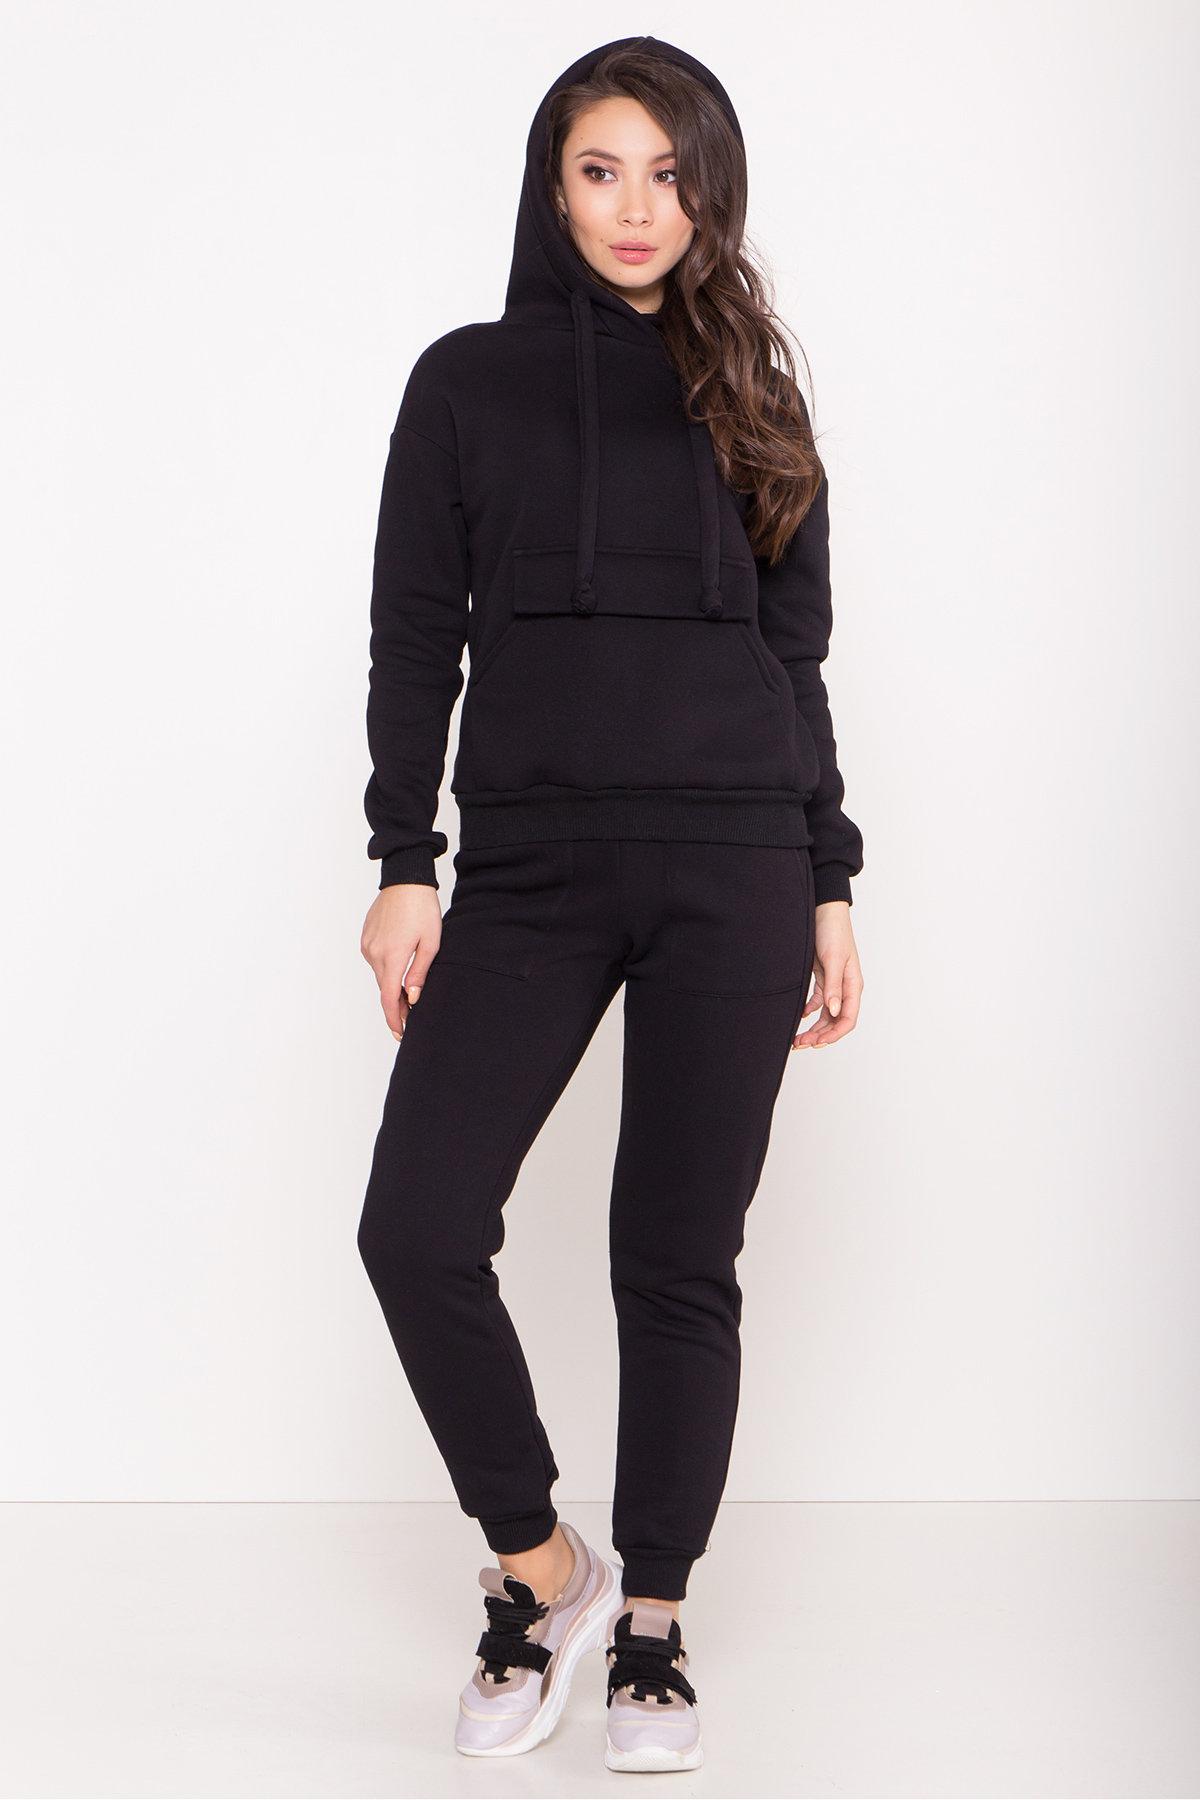 Женская одежда от производителя Modus Костюм Бруклин 8658